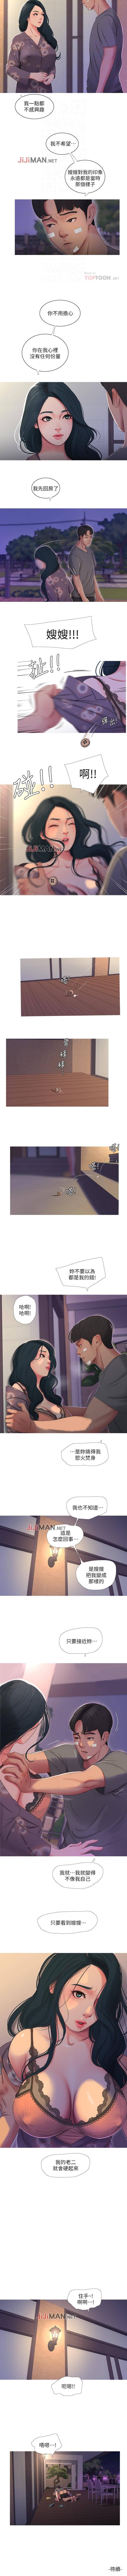 【周四连载】亲家四姐妹(作者:愛摸) 第1~31话 72